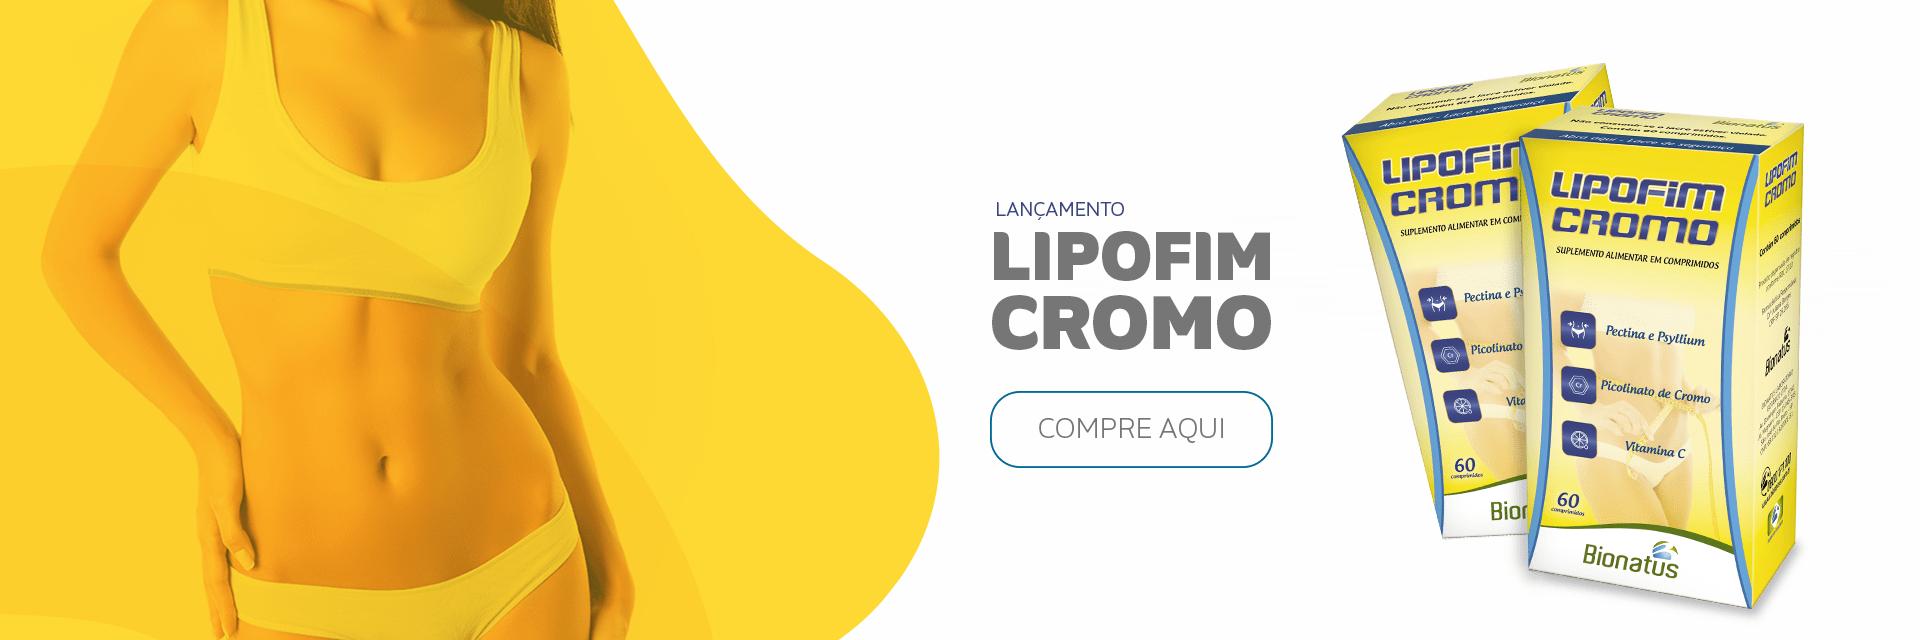 Lipofim Cromo